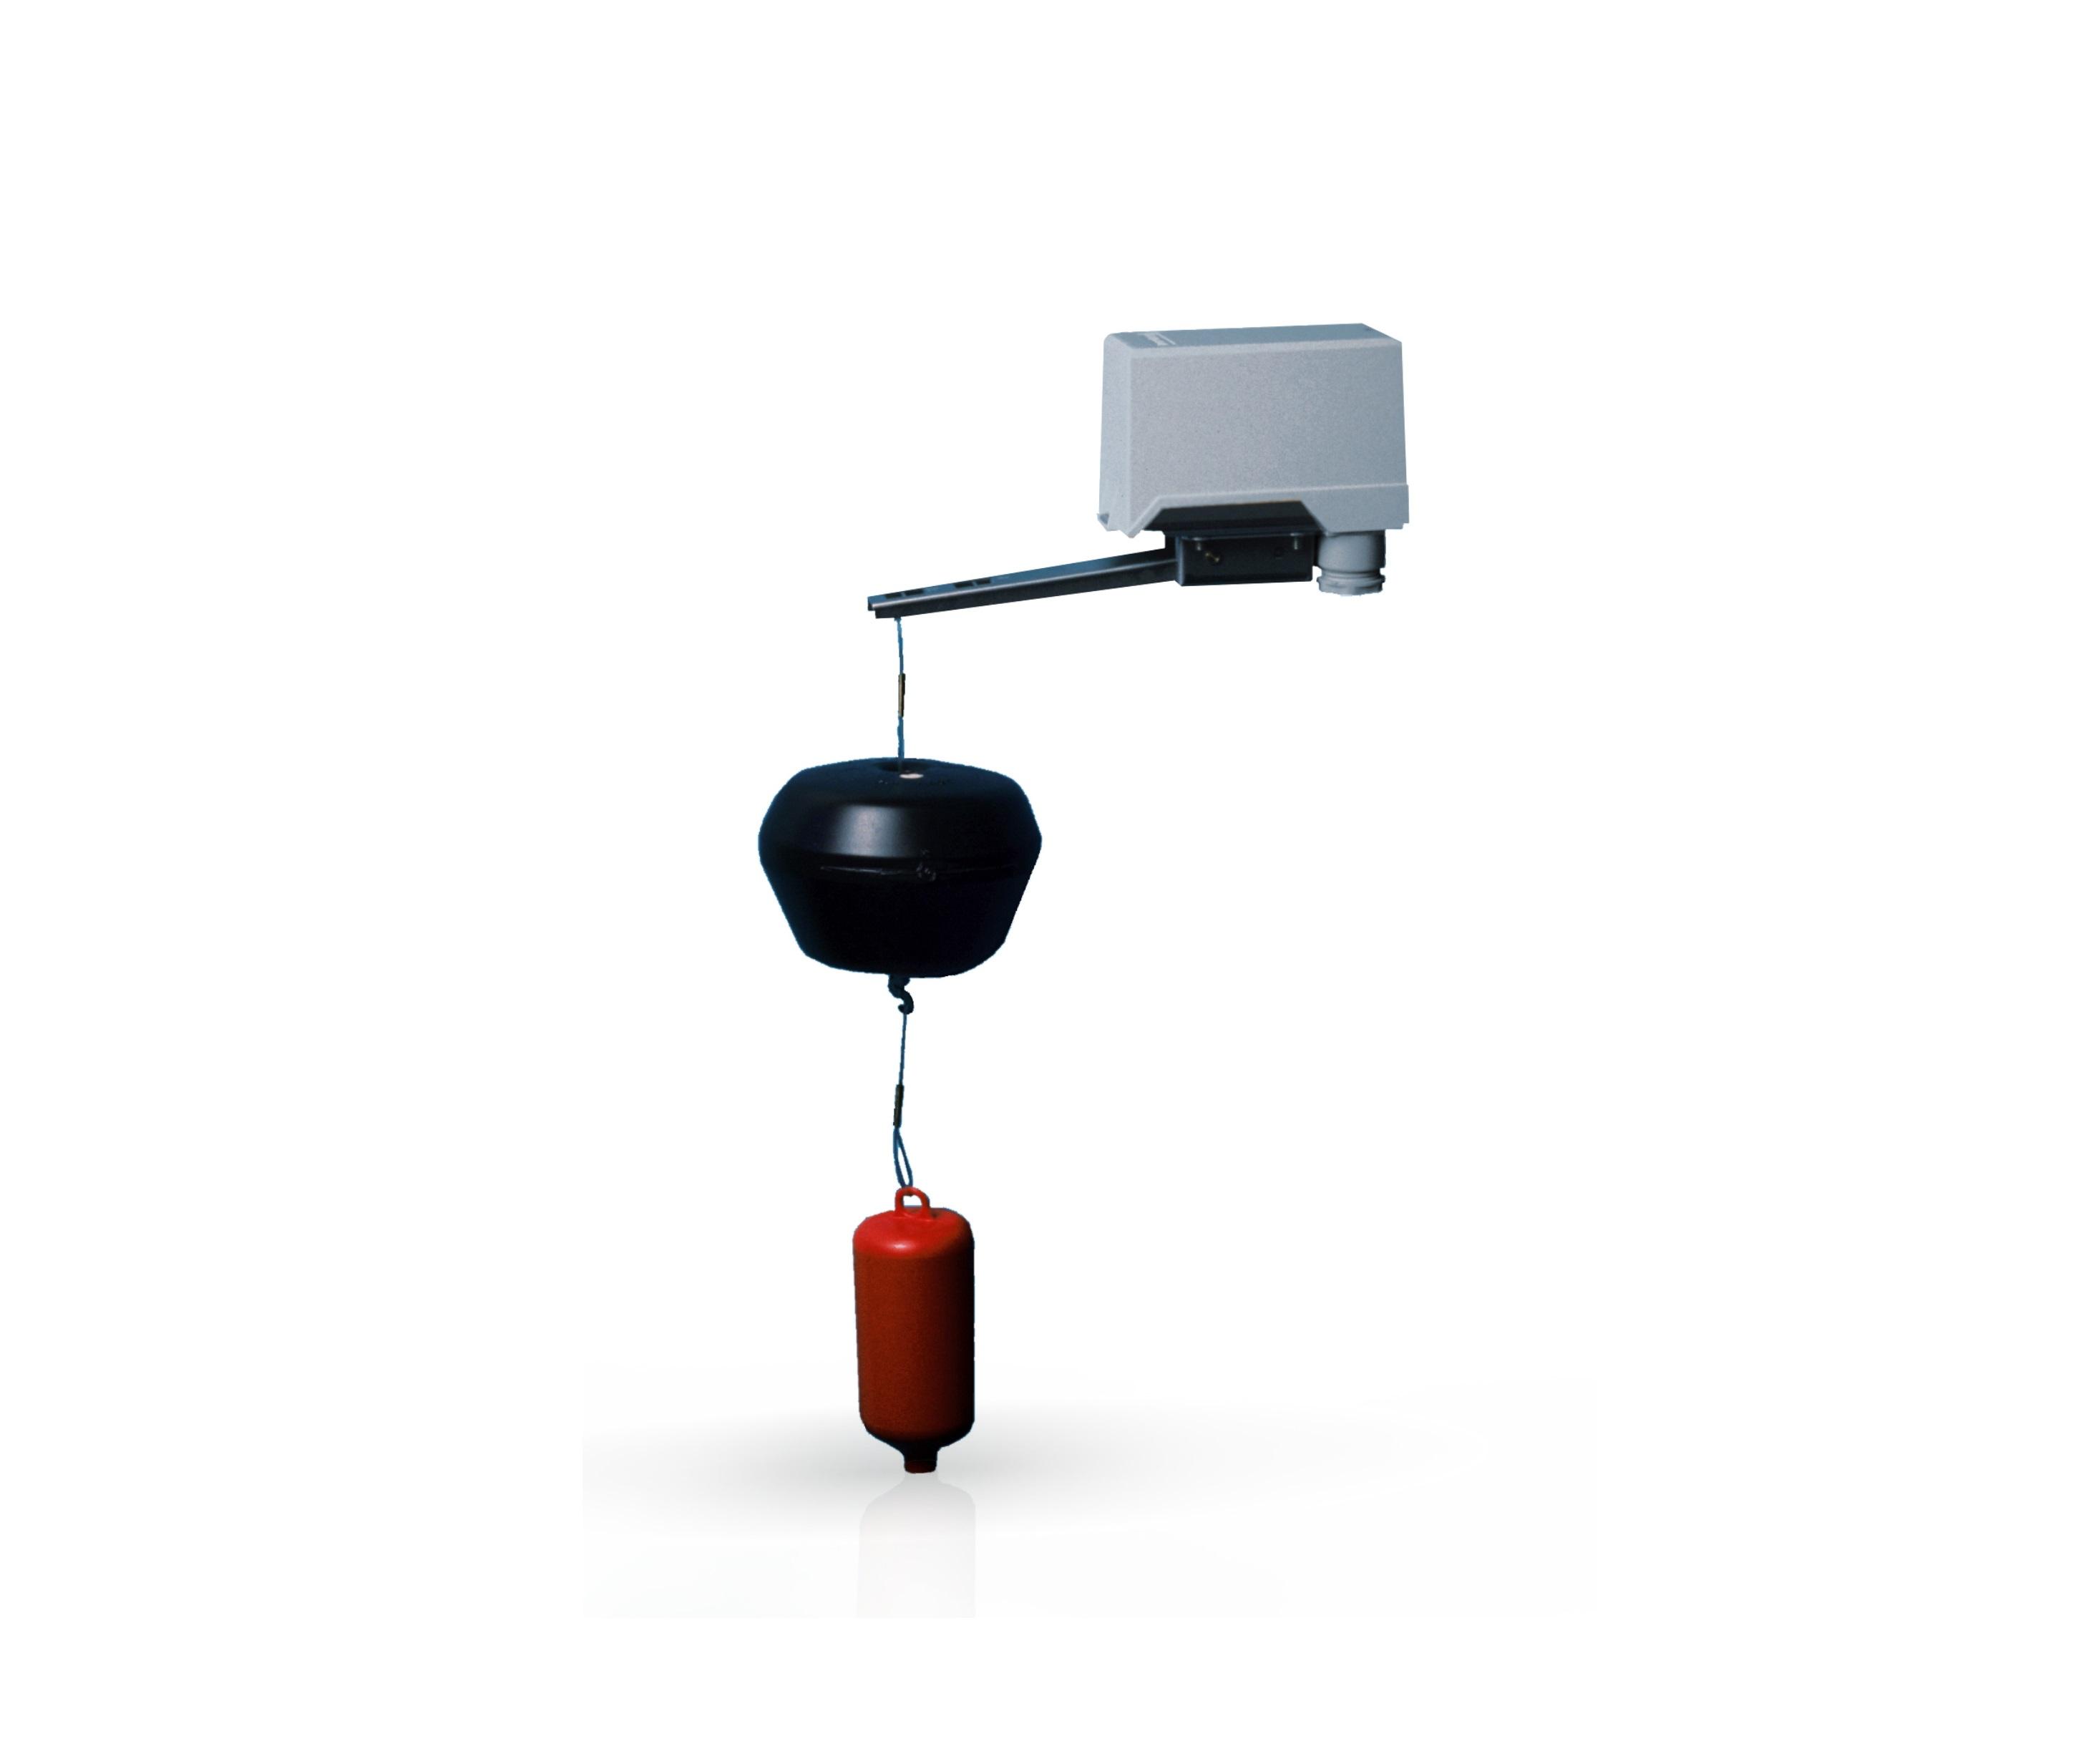 سوئیچ شناور الکترومکانیکی - A70